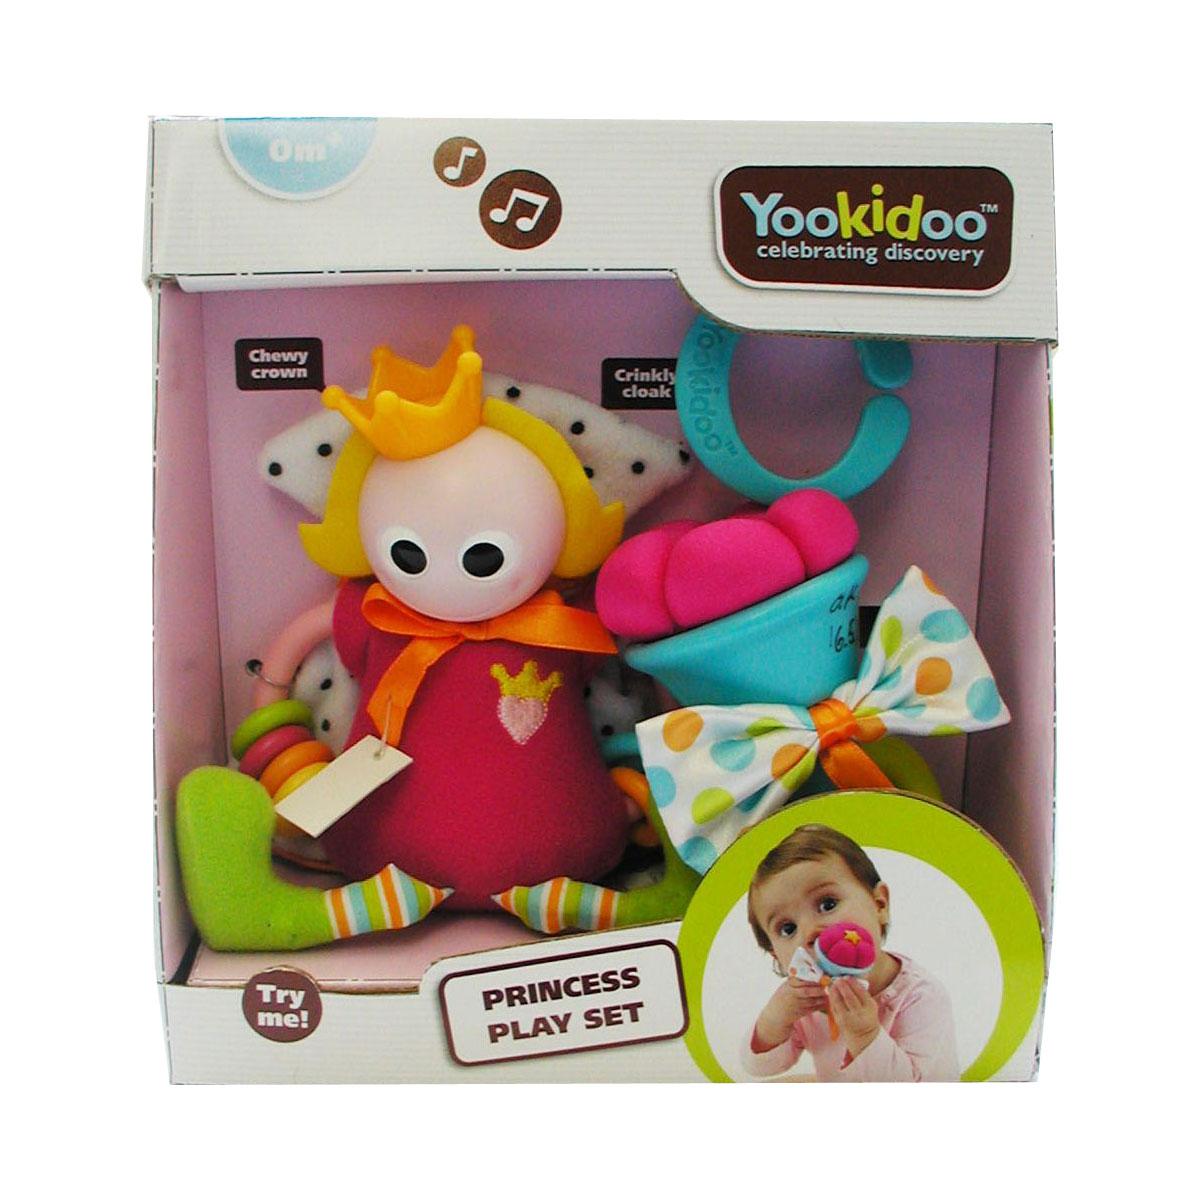 ����������� ������� Yookidoo �����/��������� � ������������